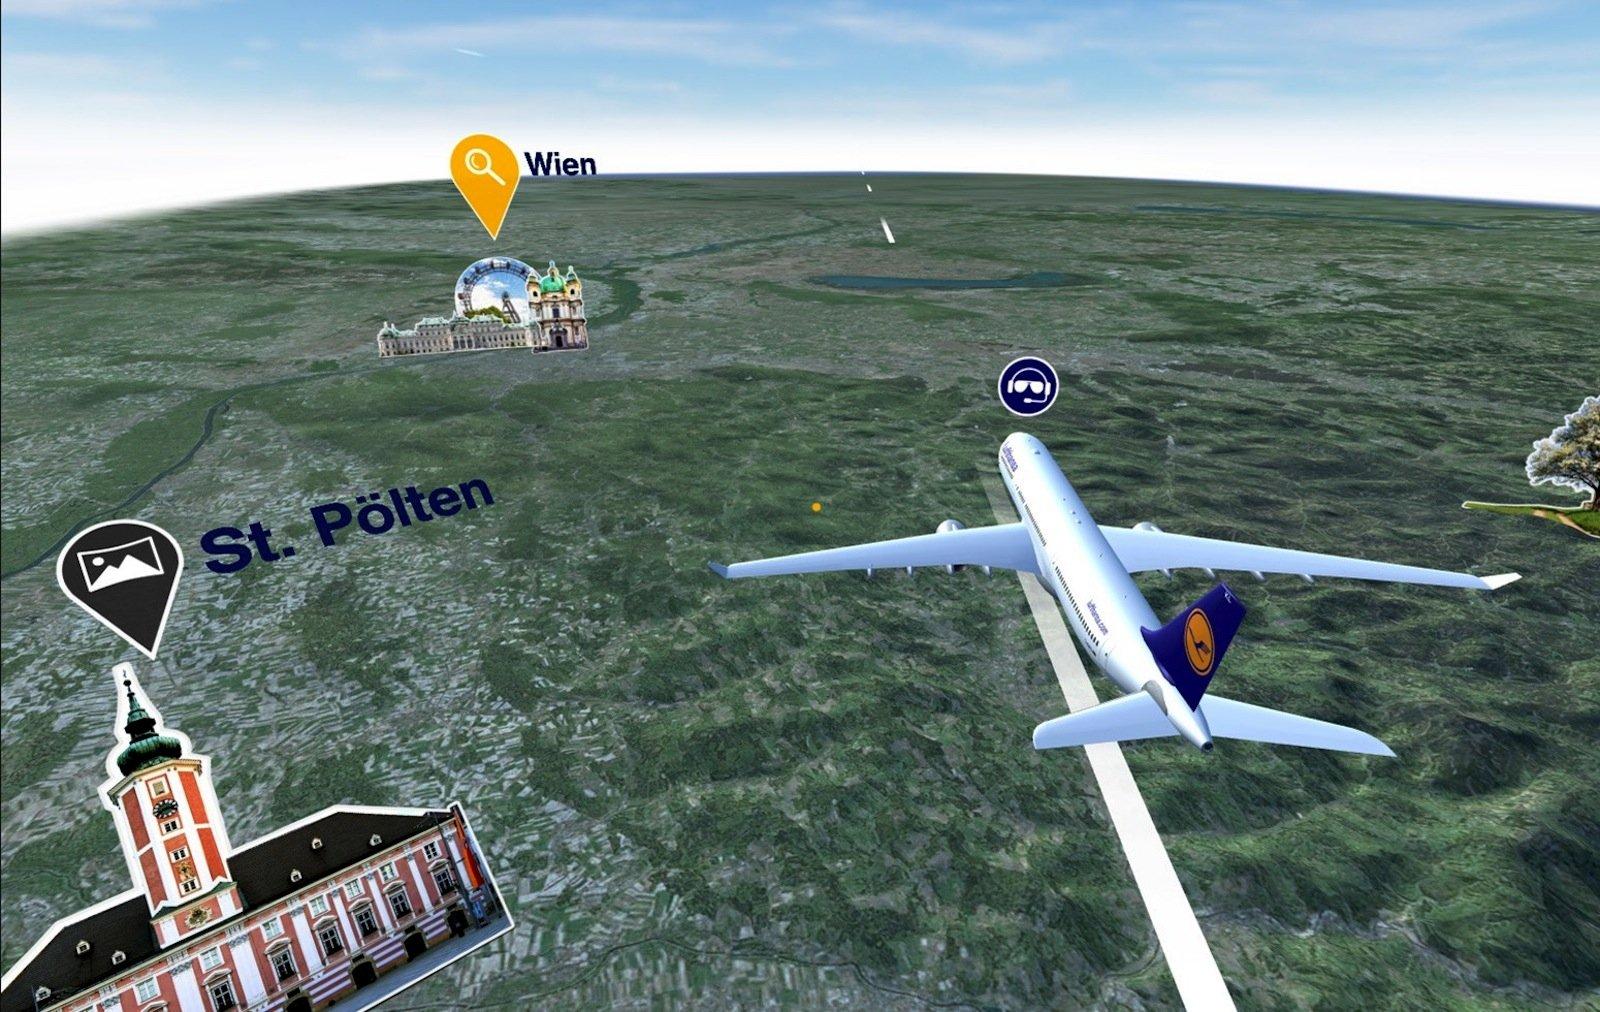 Die Lufthansa hat eine VR-App entwickeln lassen, mit der Fluggäste angepasst an ihre Route in eine 3D-Landschaft eintauchen können. Versprochen wird mehr als ein Blick aus dem Fenster: eine Rundumsicht und Informationen beispielsweise zu Sehenswürdigkeiten, über die man gerade hinwegfliegt.